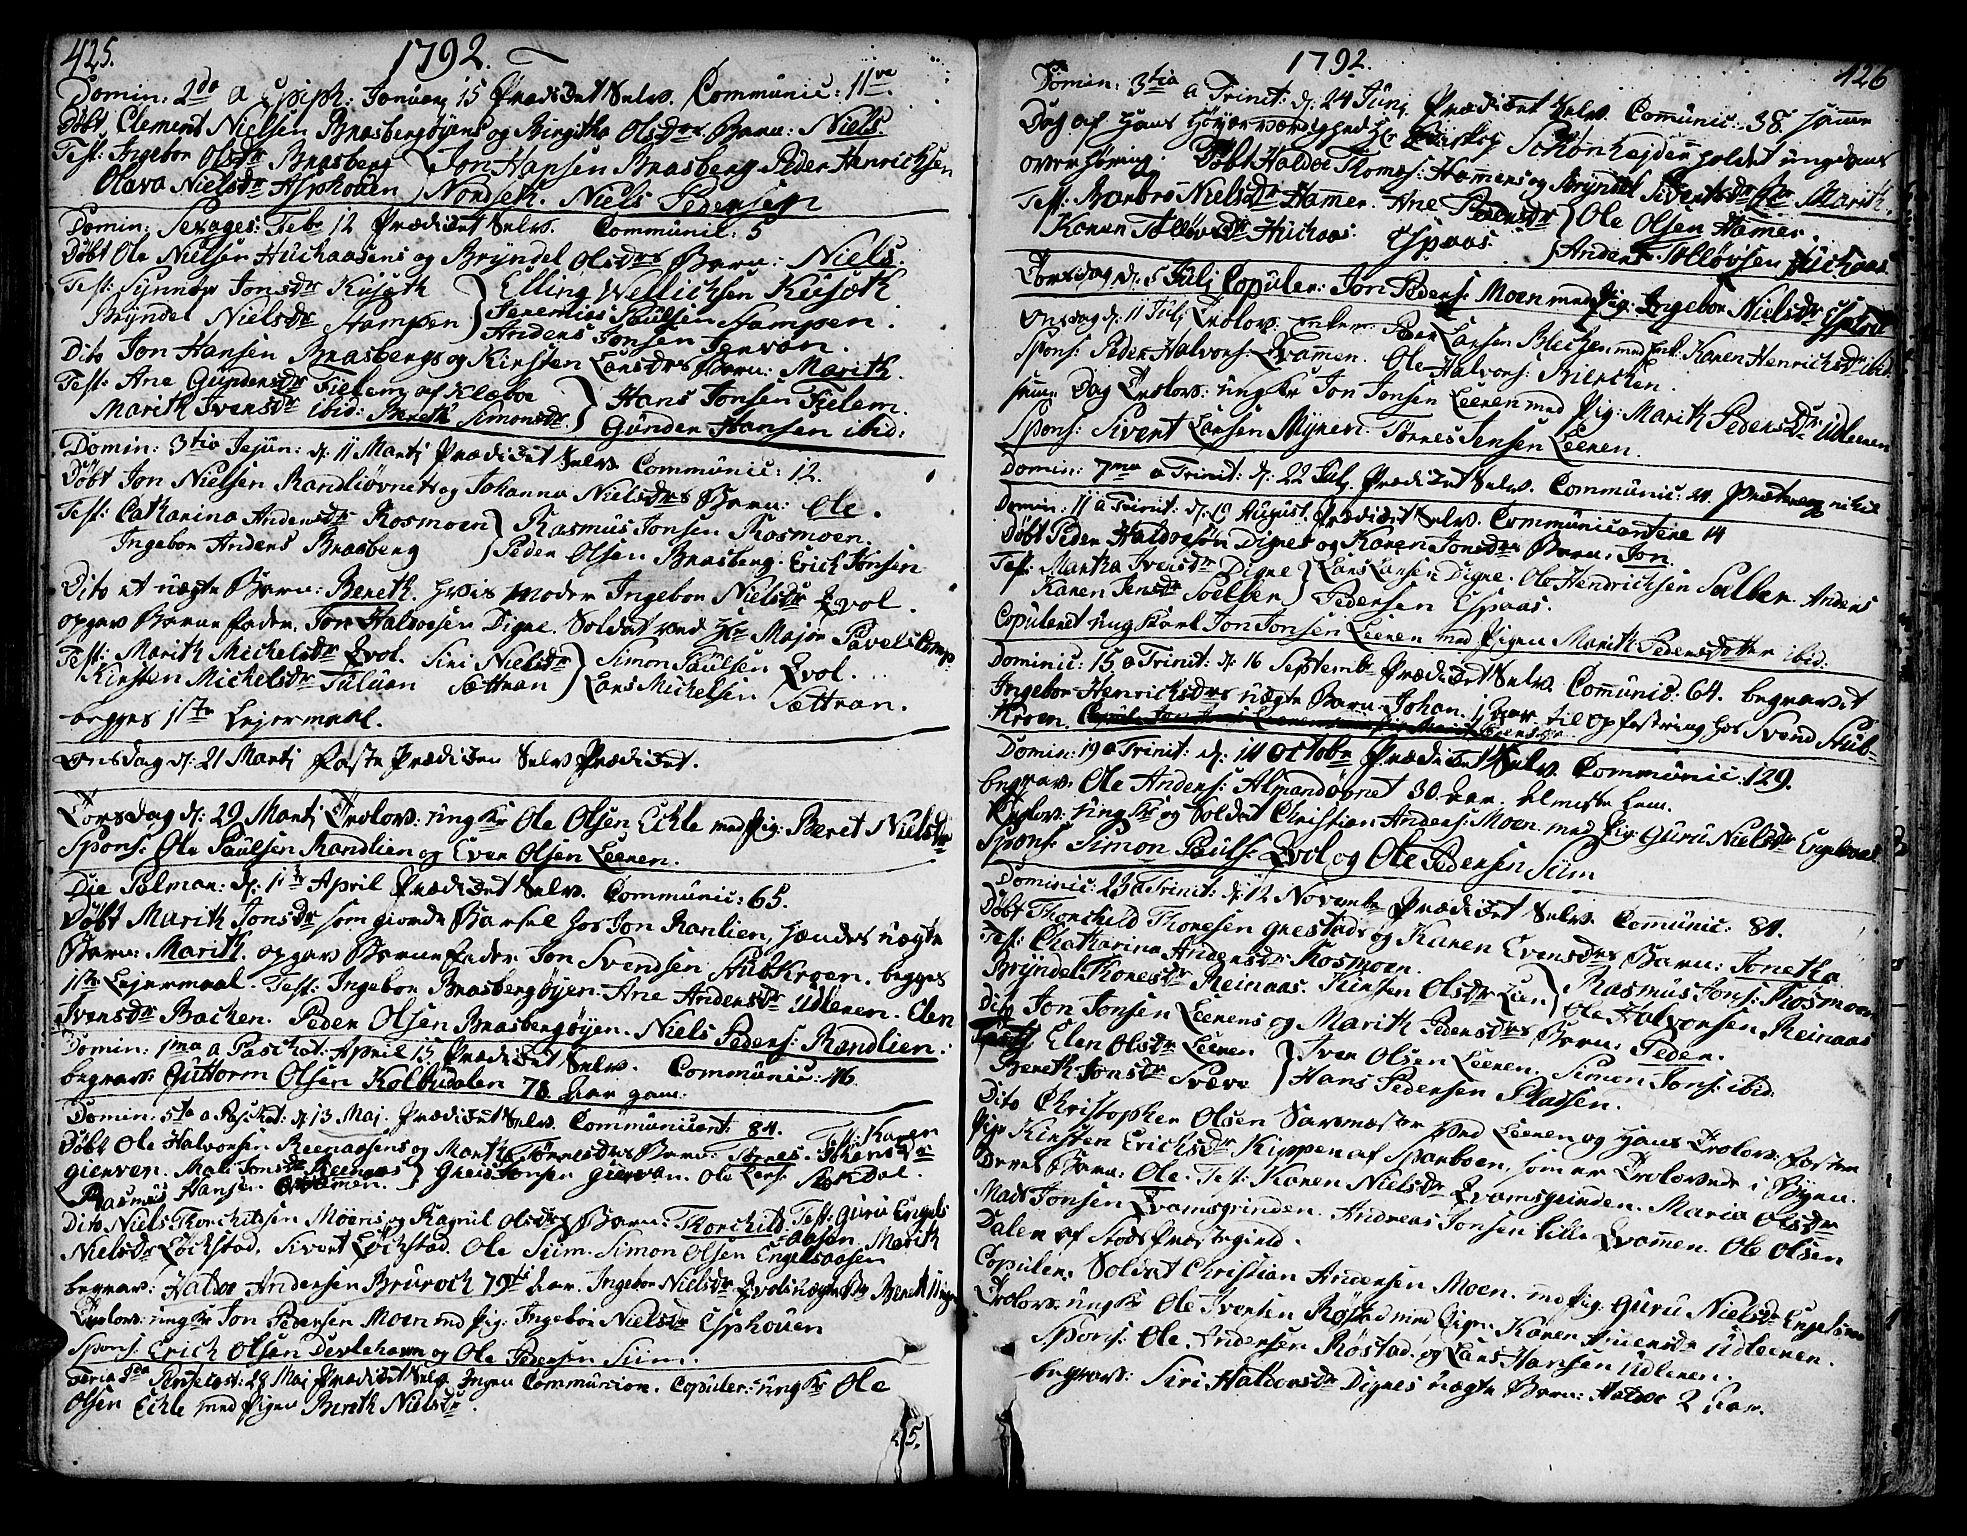 SAT, Ministerialprotokoller, klokkerbøker og fødselsregistre - Sør-Trøndelag, 606/L0282: Ministerialbok nr. 606A02 /3, 1781-1817, s. 425-426